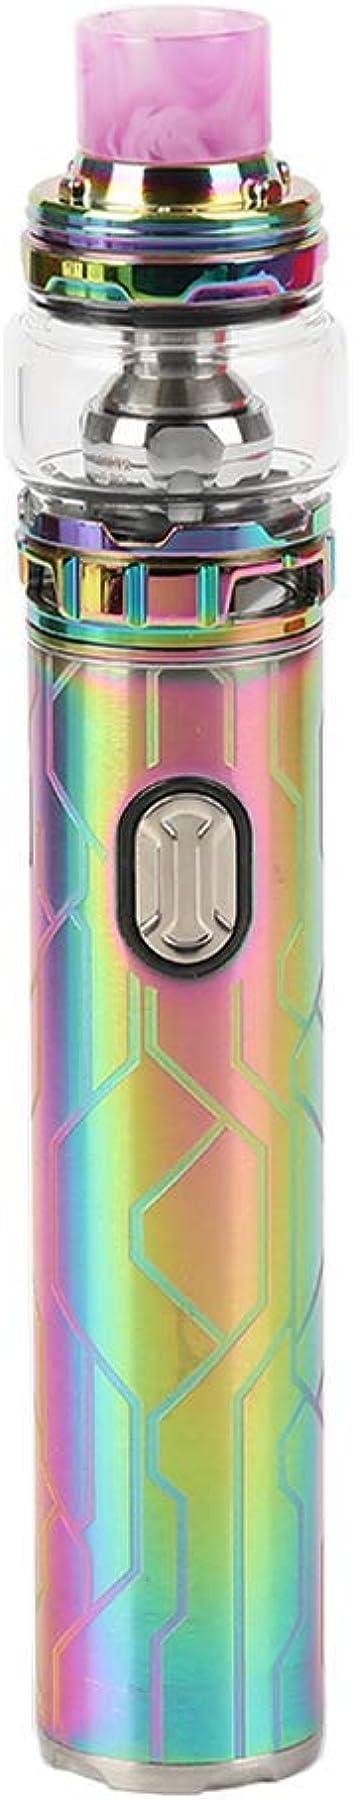 Sigaretta elettronica eleaf ijust 3 starter kit 3000mah batteria 6.5ml atomizer